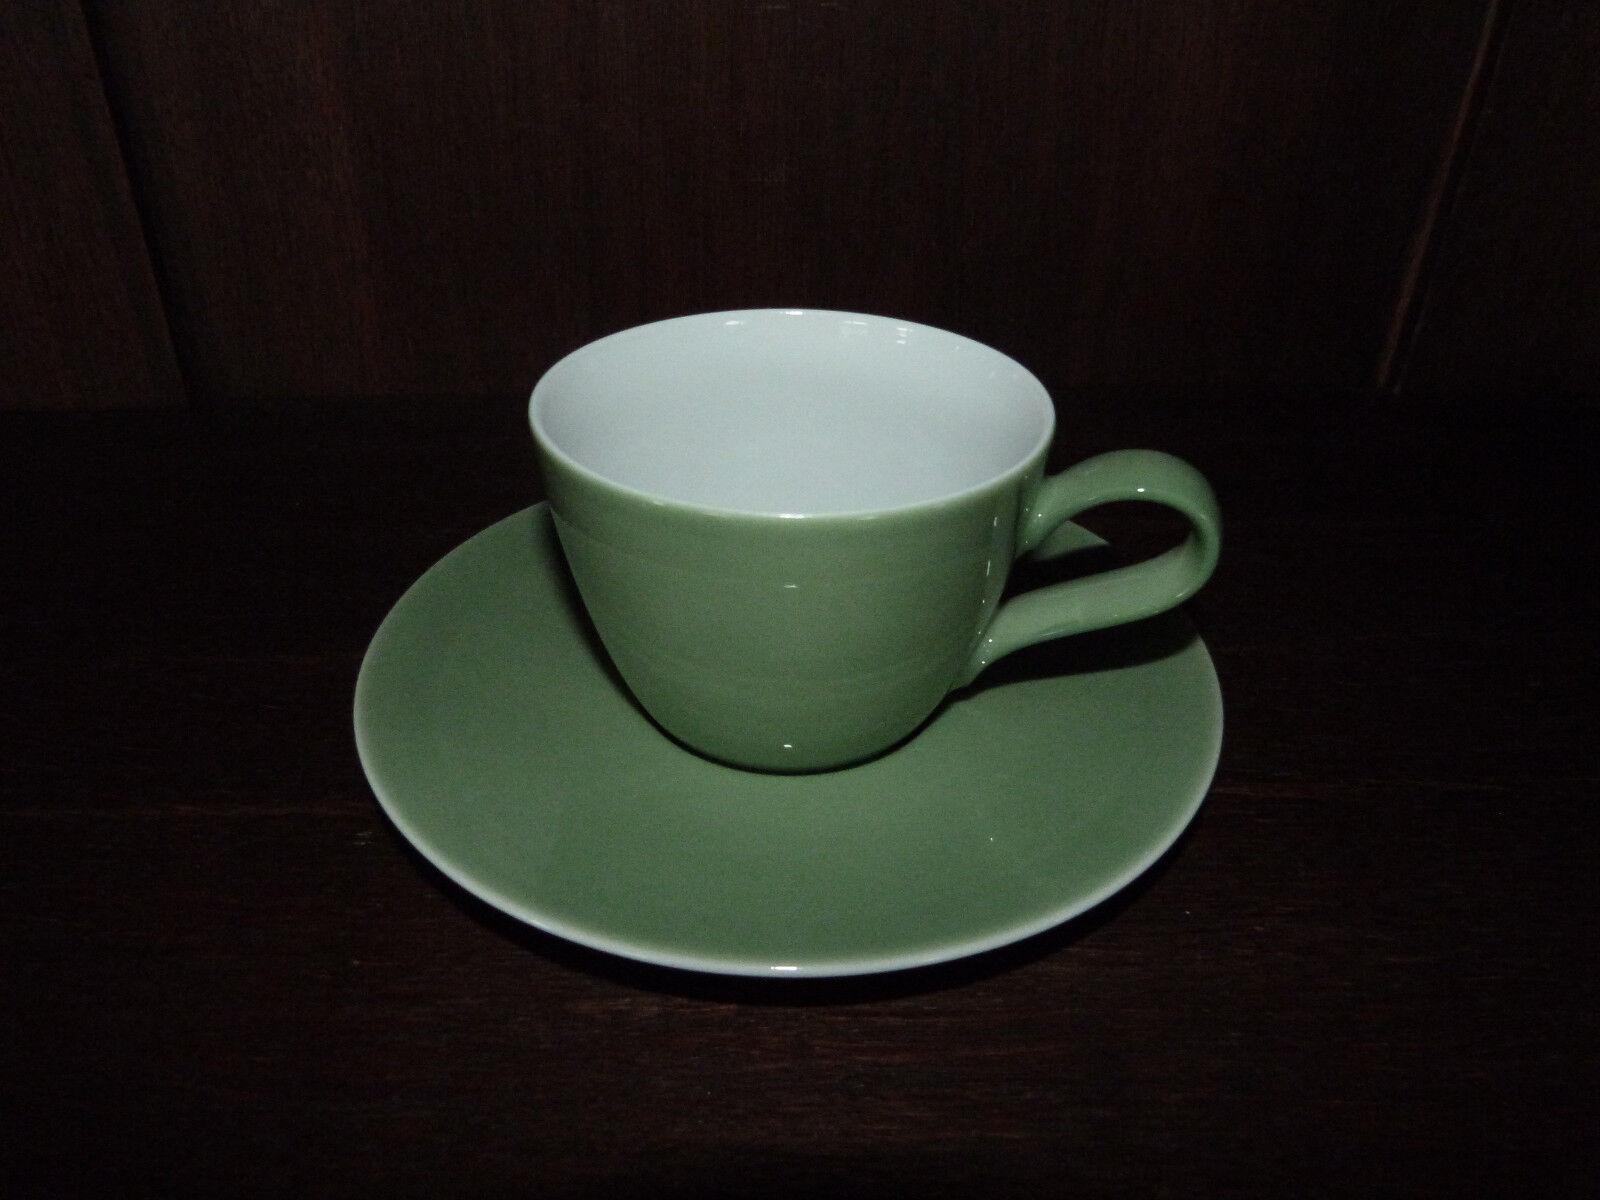 6 Kaffeetassen 2 tlg. Life grün Sonderdekor von Seltmann Weiden Weiden Weiden | Fairer Preis  9fb098